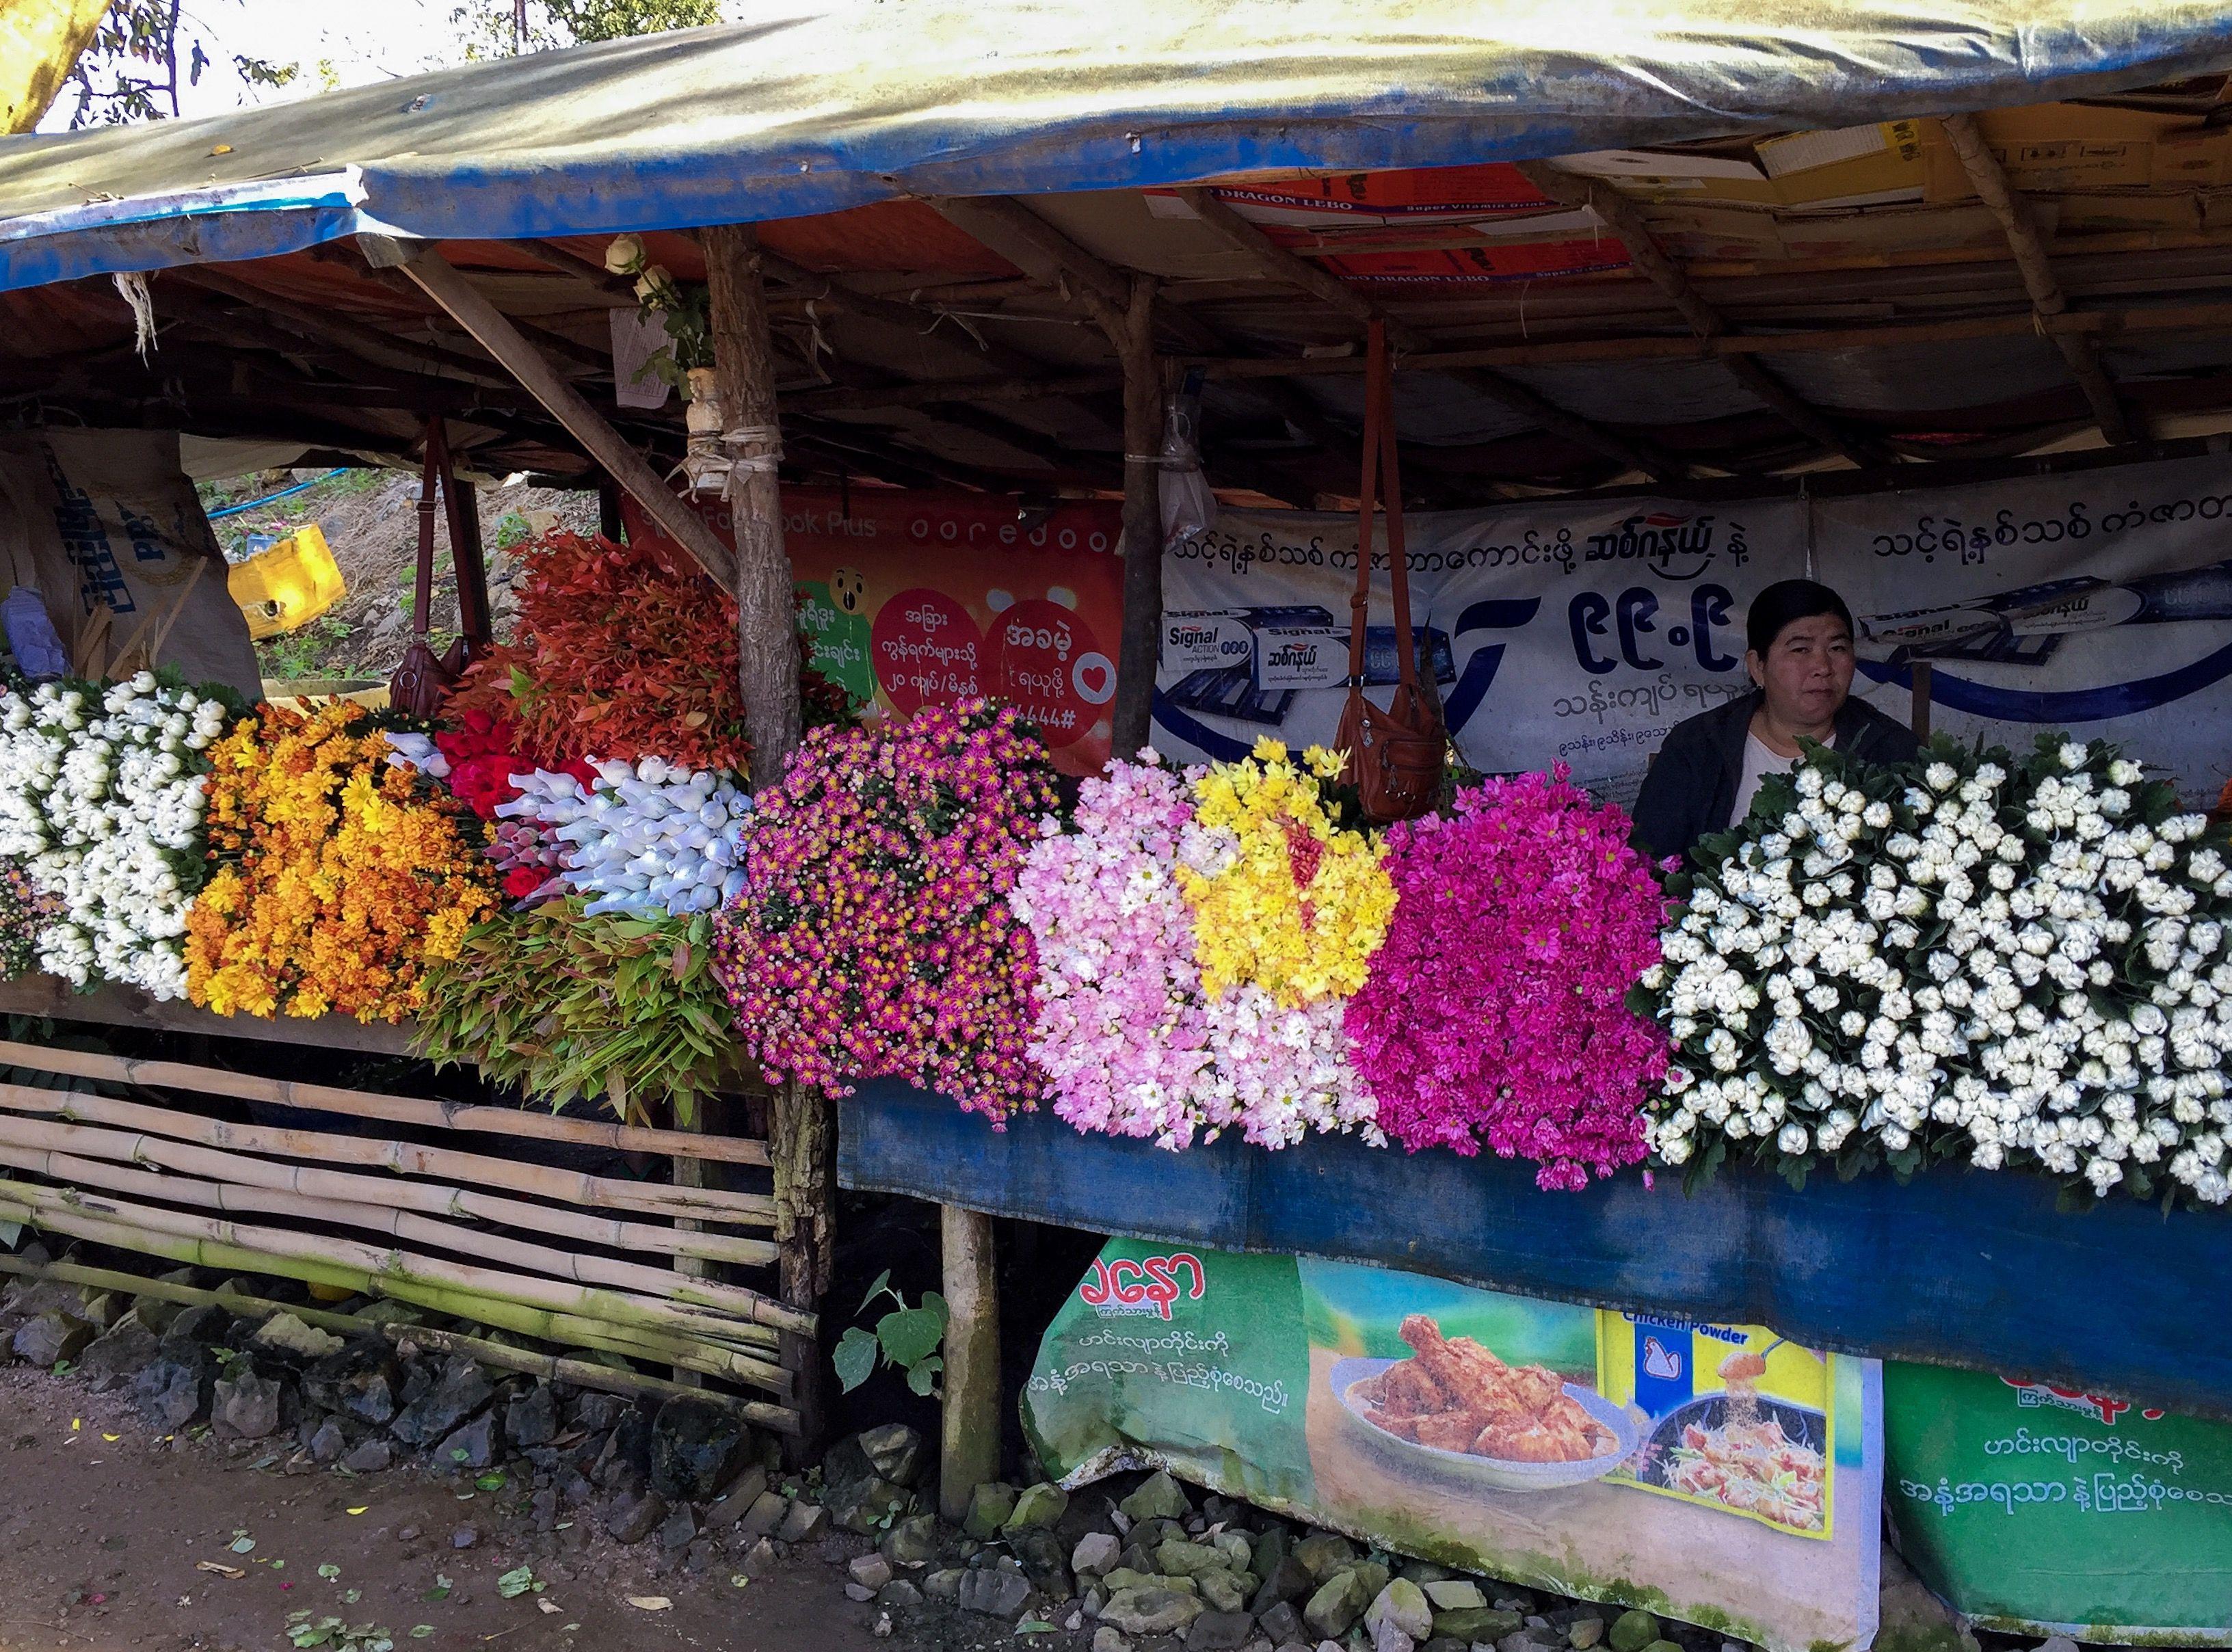 Flower market in Pyin Oo Lwin. myanmartrip August 2017